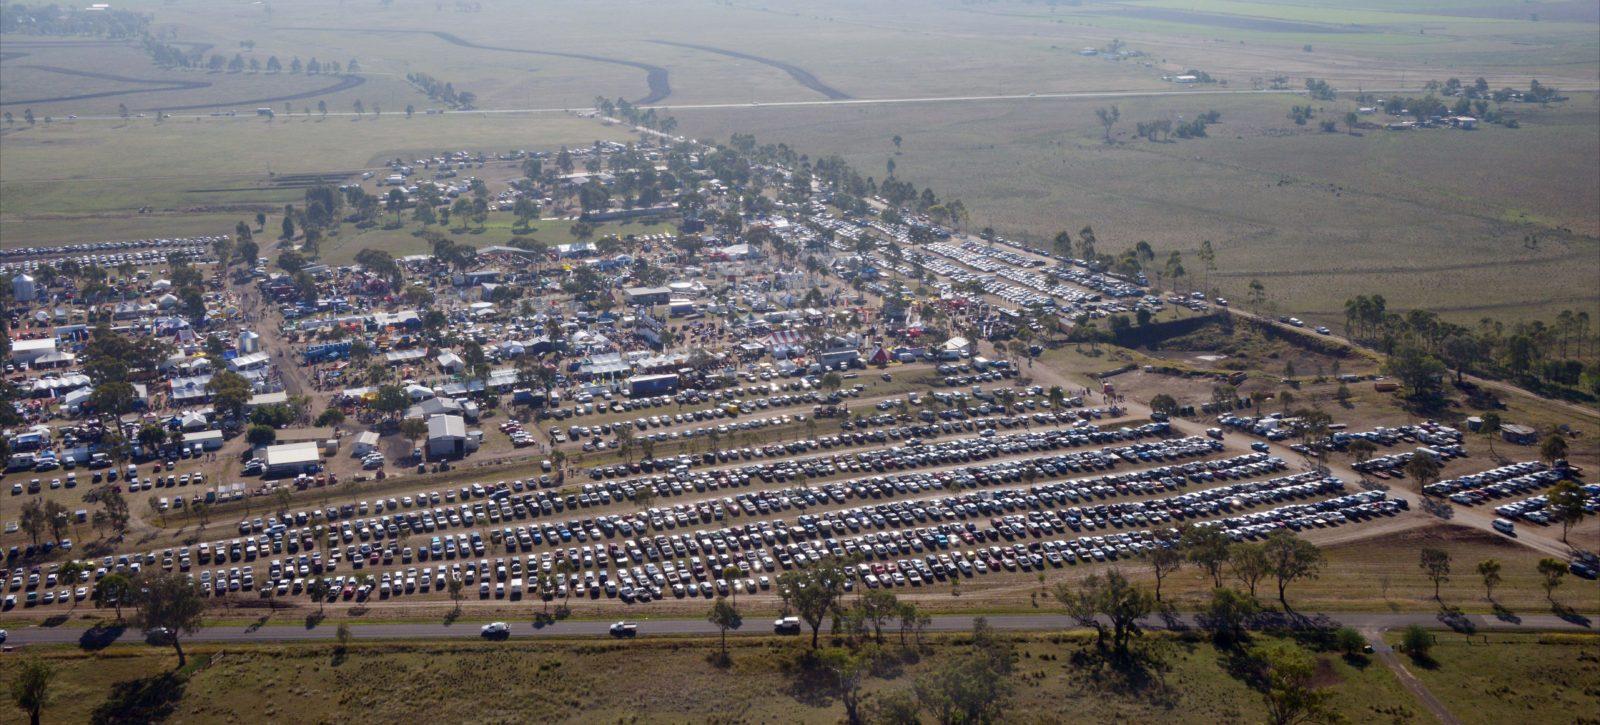 FarmFest Aerial | 2014